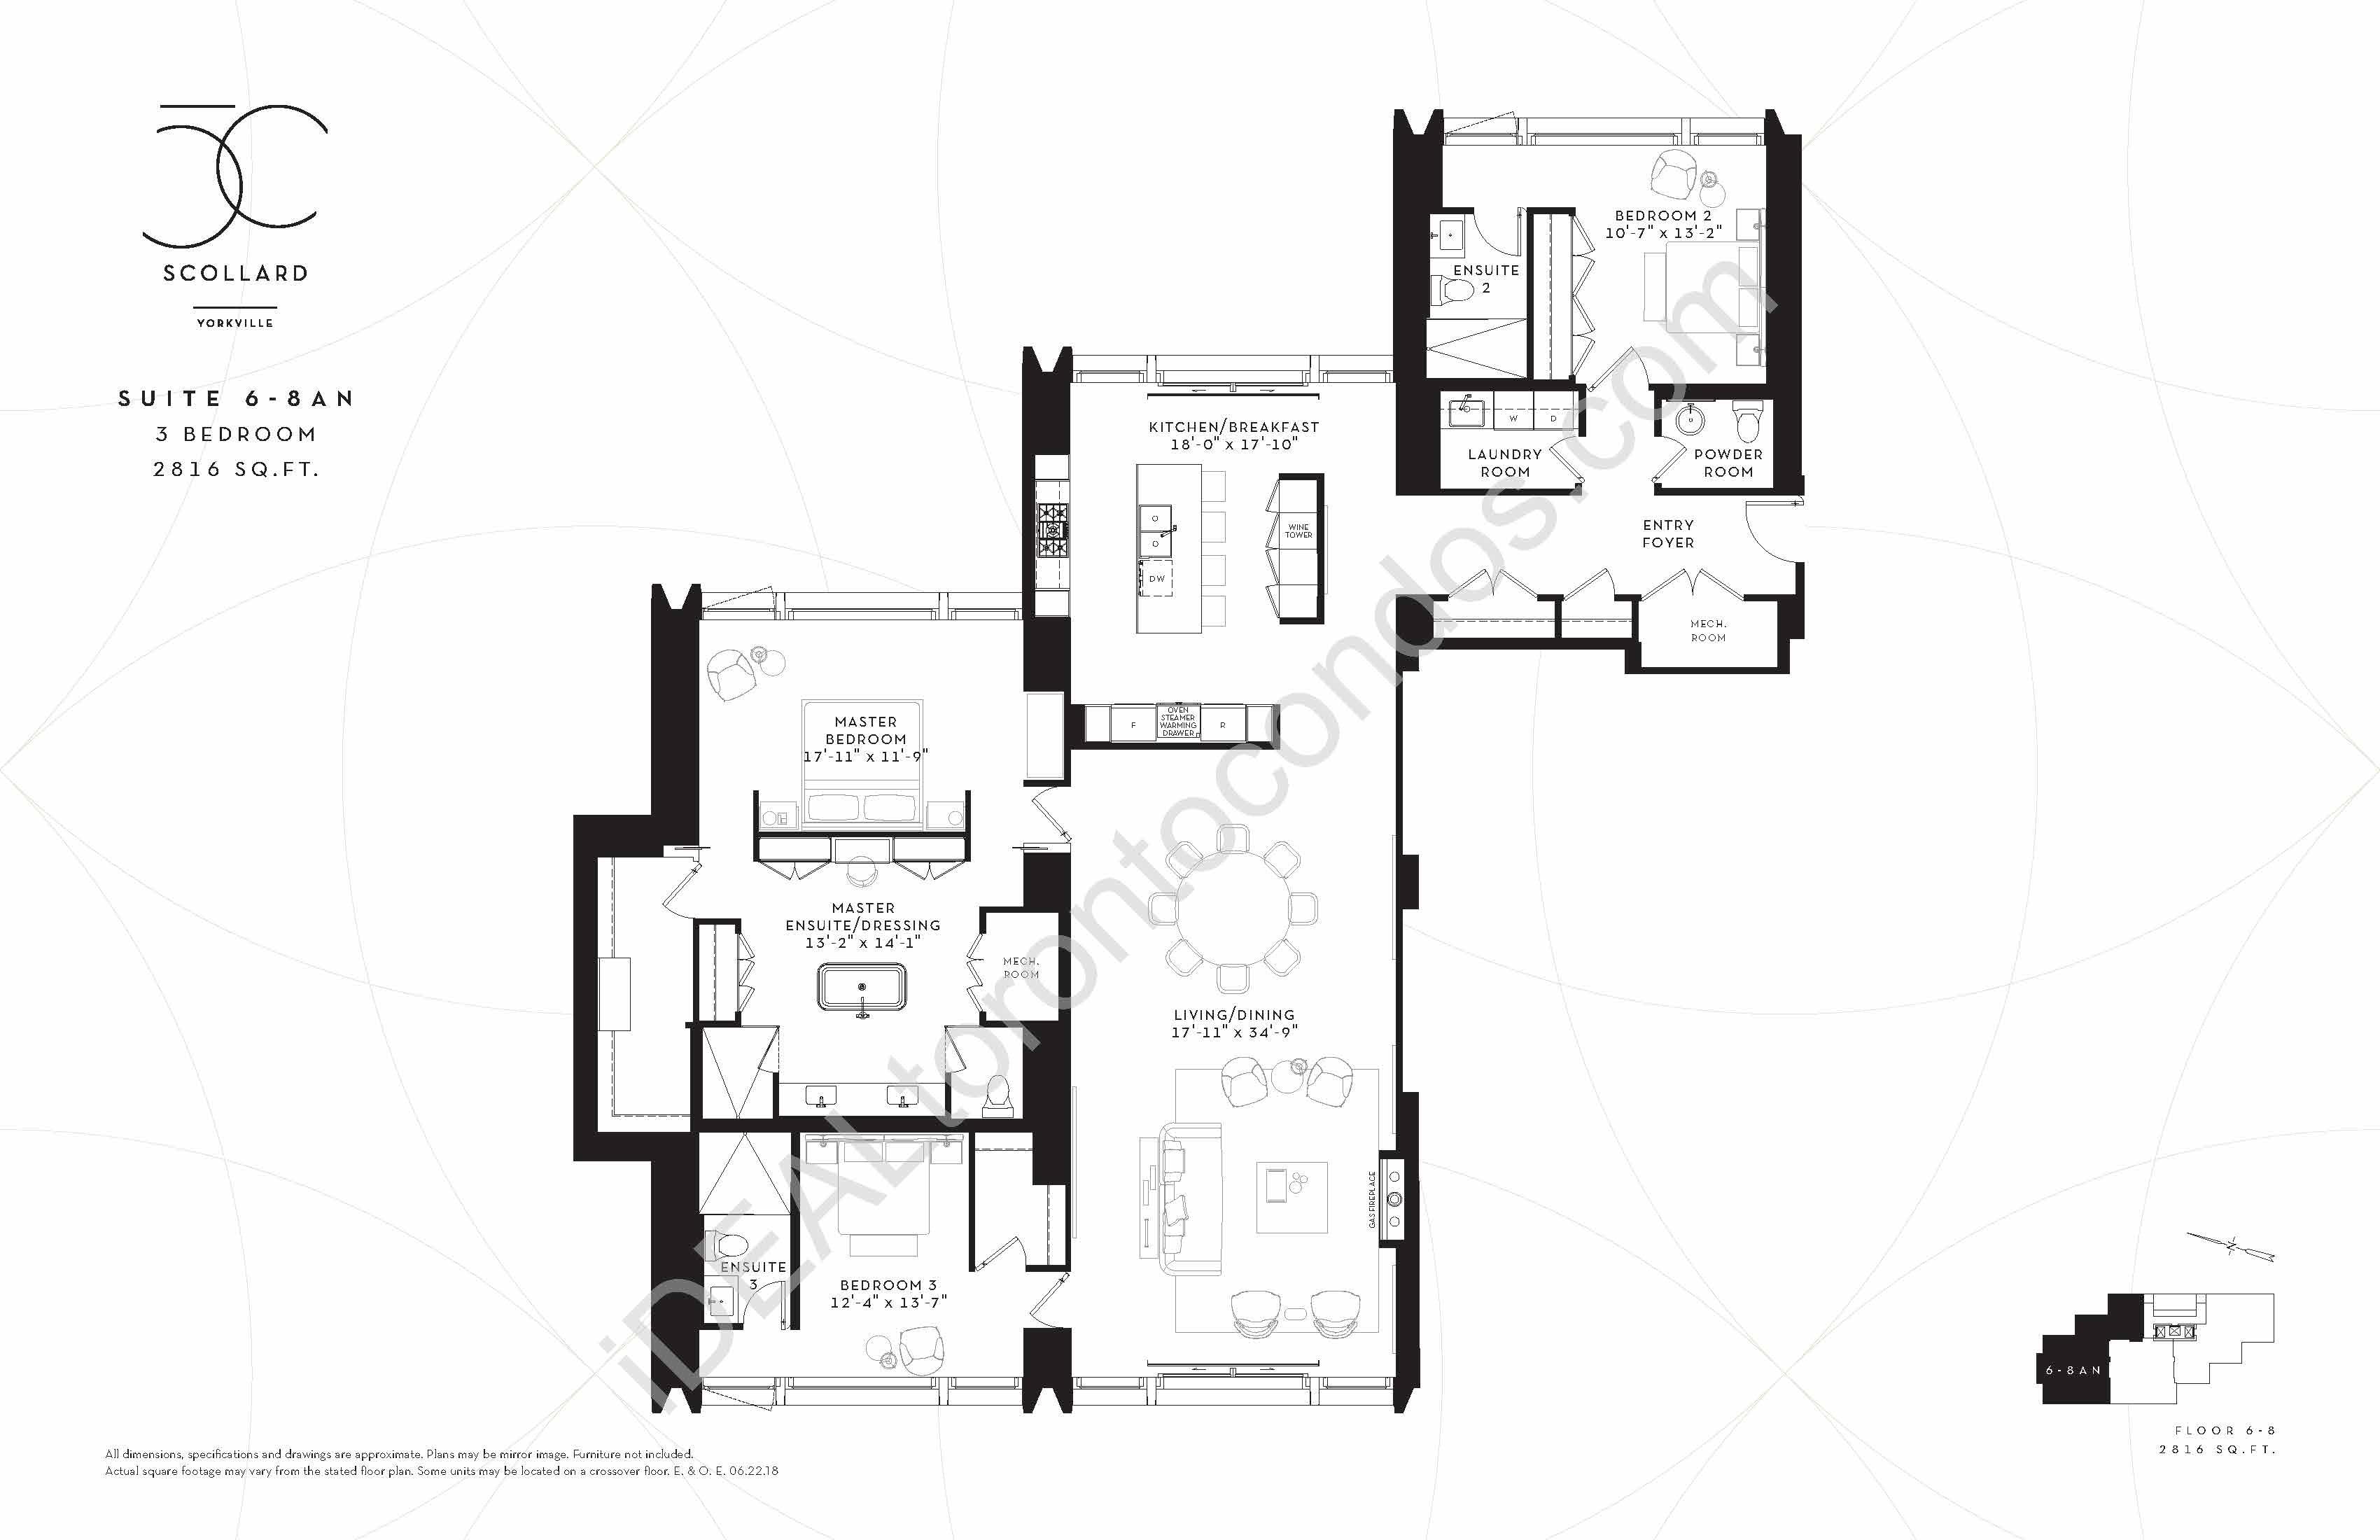 Suite 6-8 AN | 3 Bedroom